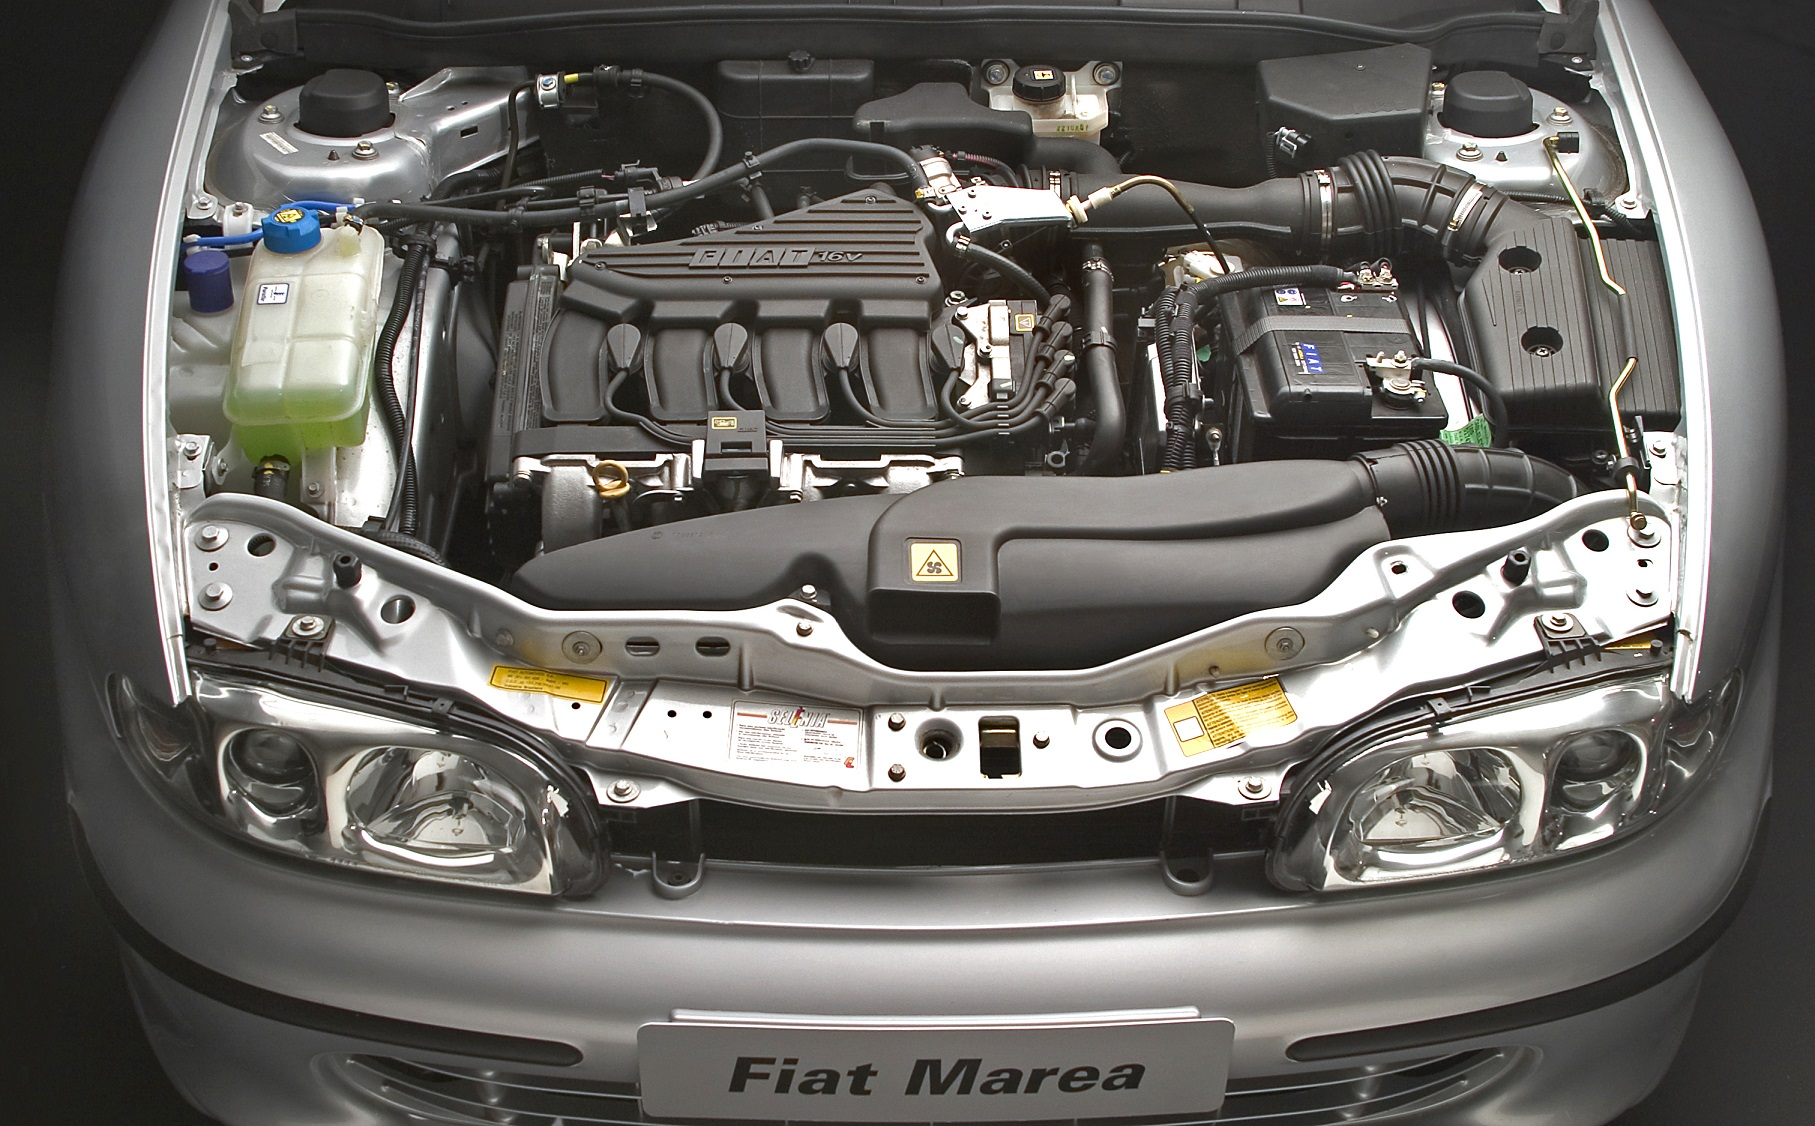 fiat marea sx motor 16 quatro cilindros